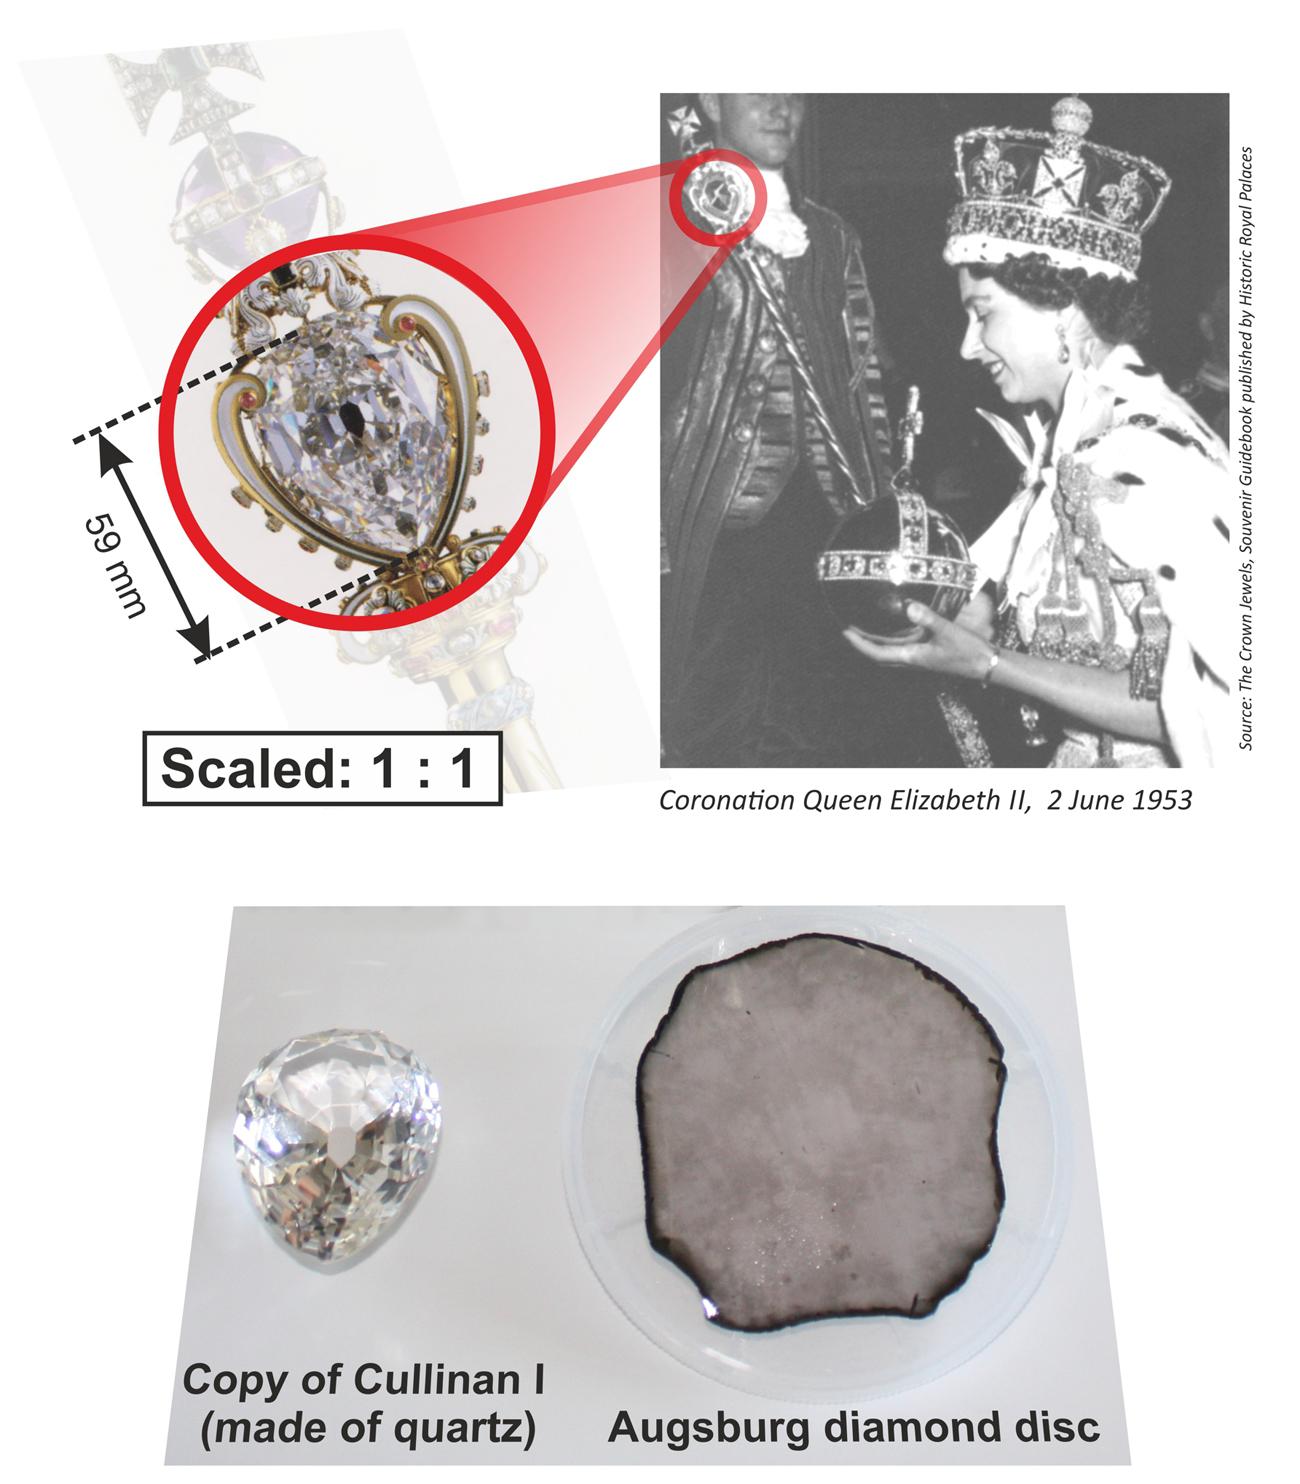 Der Cullinan I aus dem Zepter der Kronjuwelen der britischen Königin im direkten Vergleich mit dem Augsburger Einkristall.